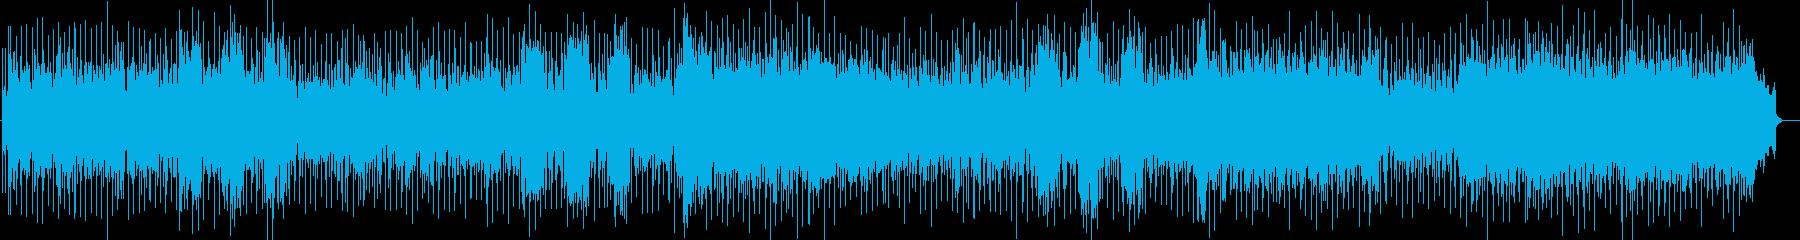 元気な90年代オルタナ系ギターロックの再生済みの波形